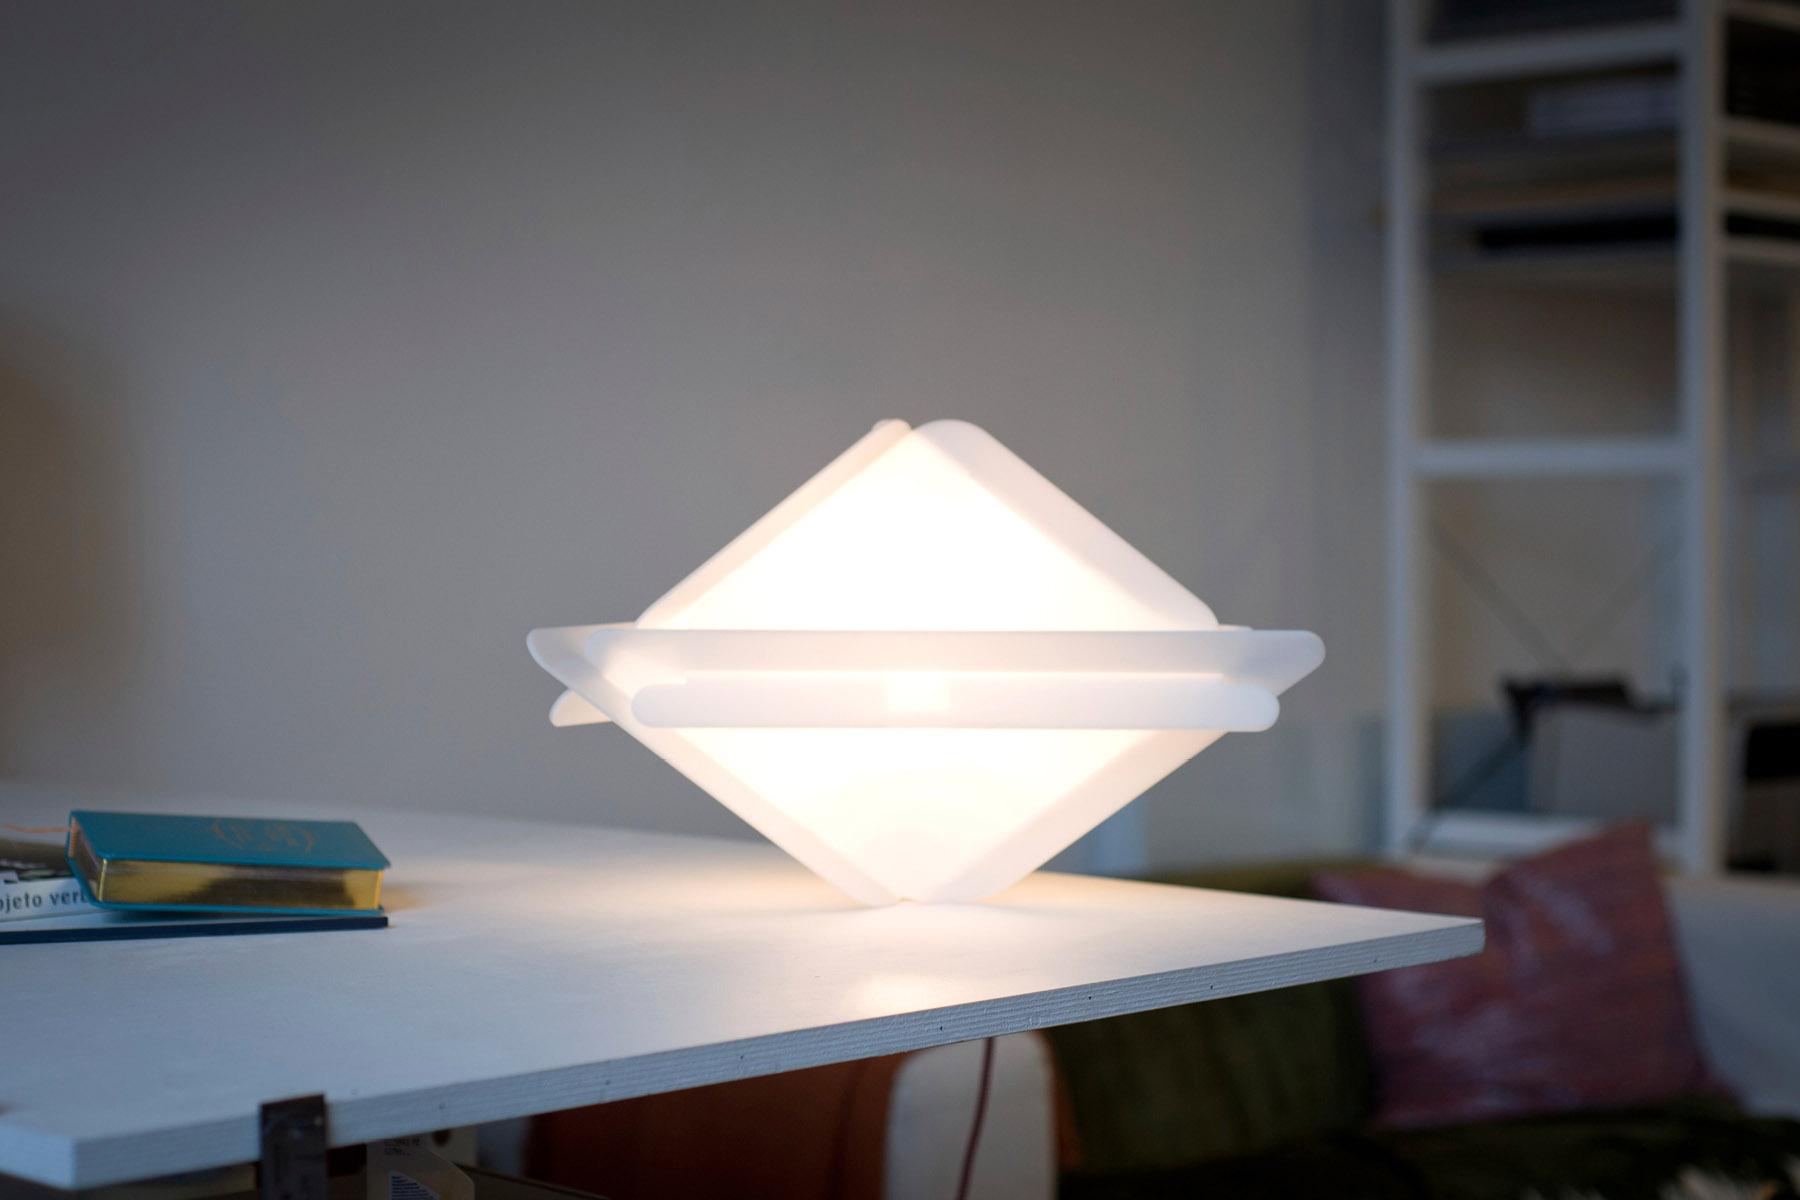 Lampe triangulaire posée sur la pointe